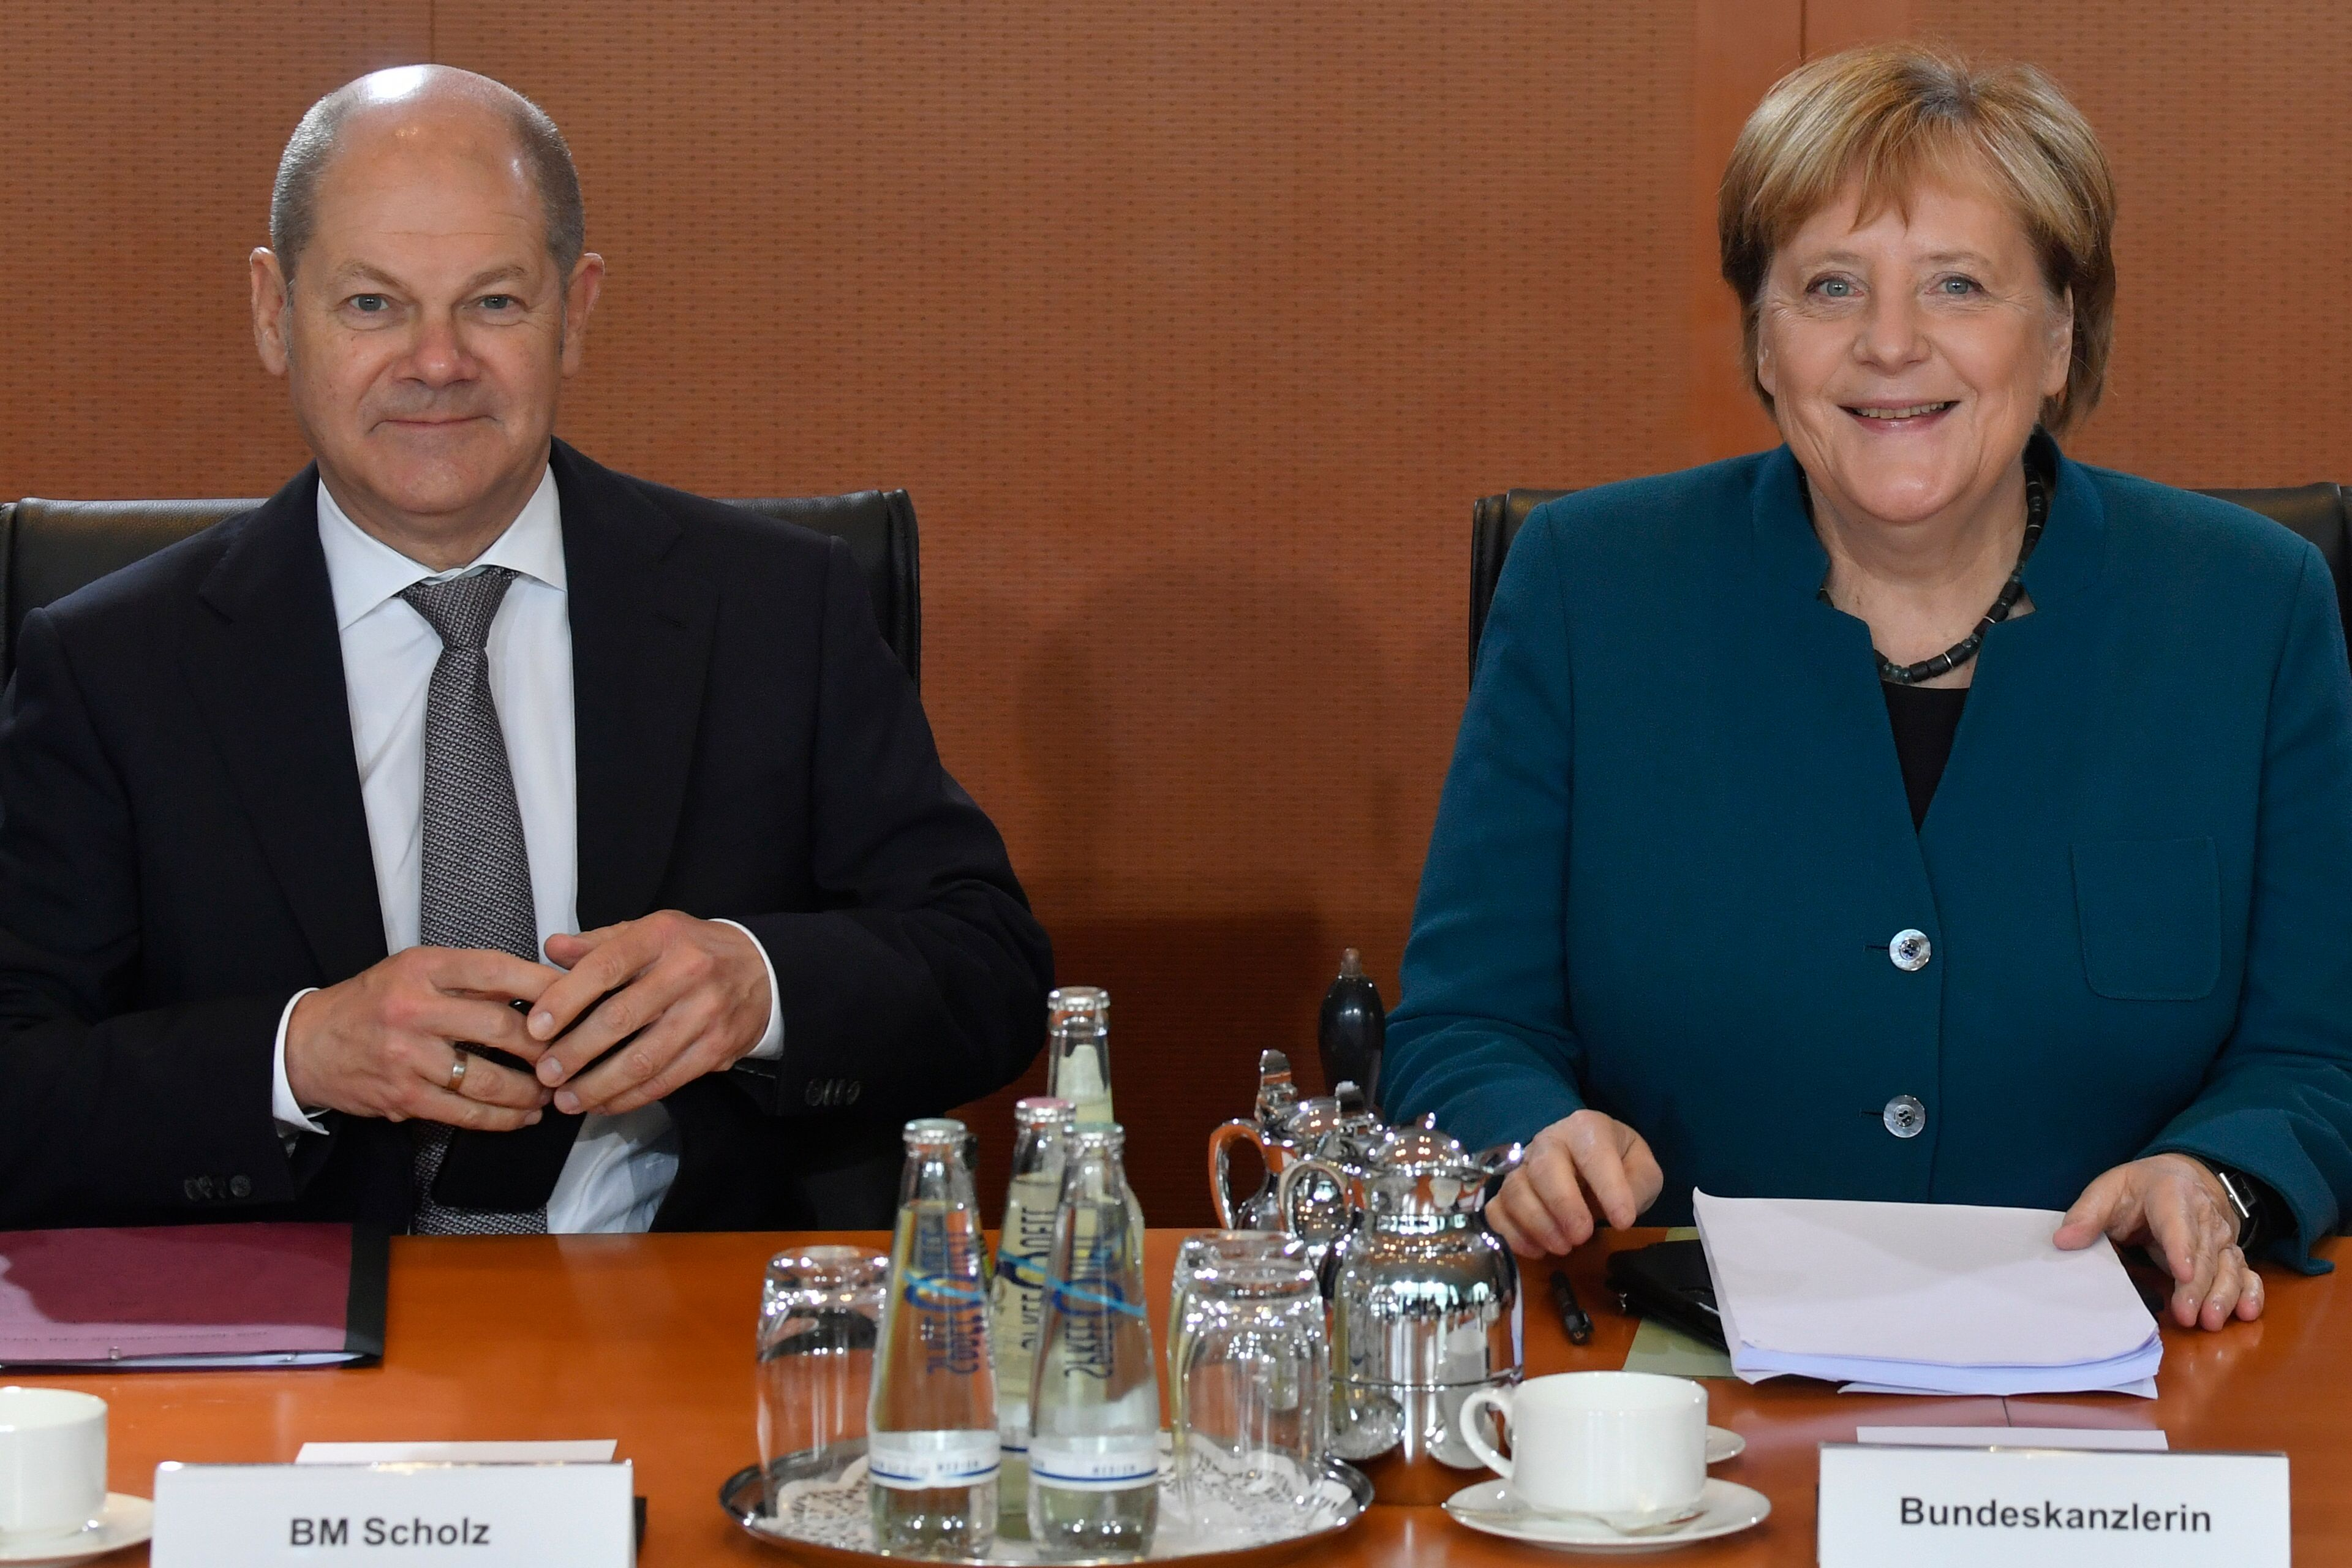 Allemagne : les «Sages» préconisent plus de souplesse budgétaire